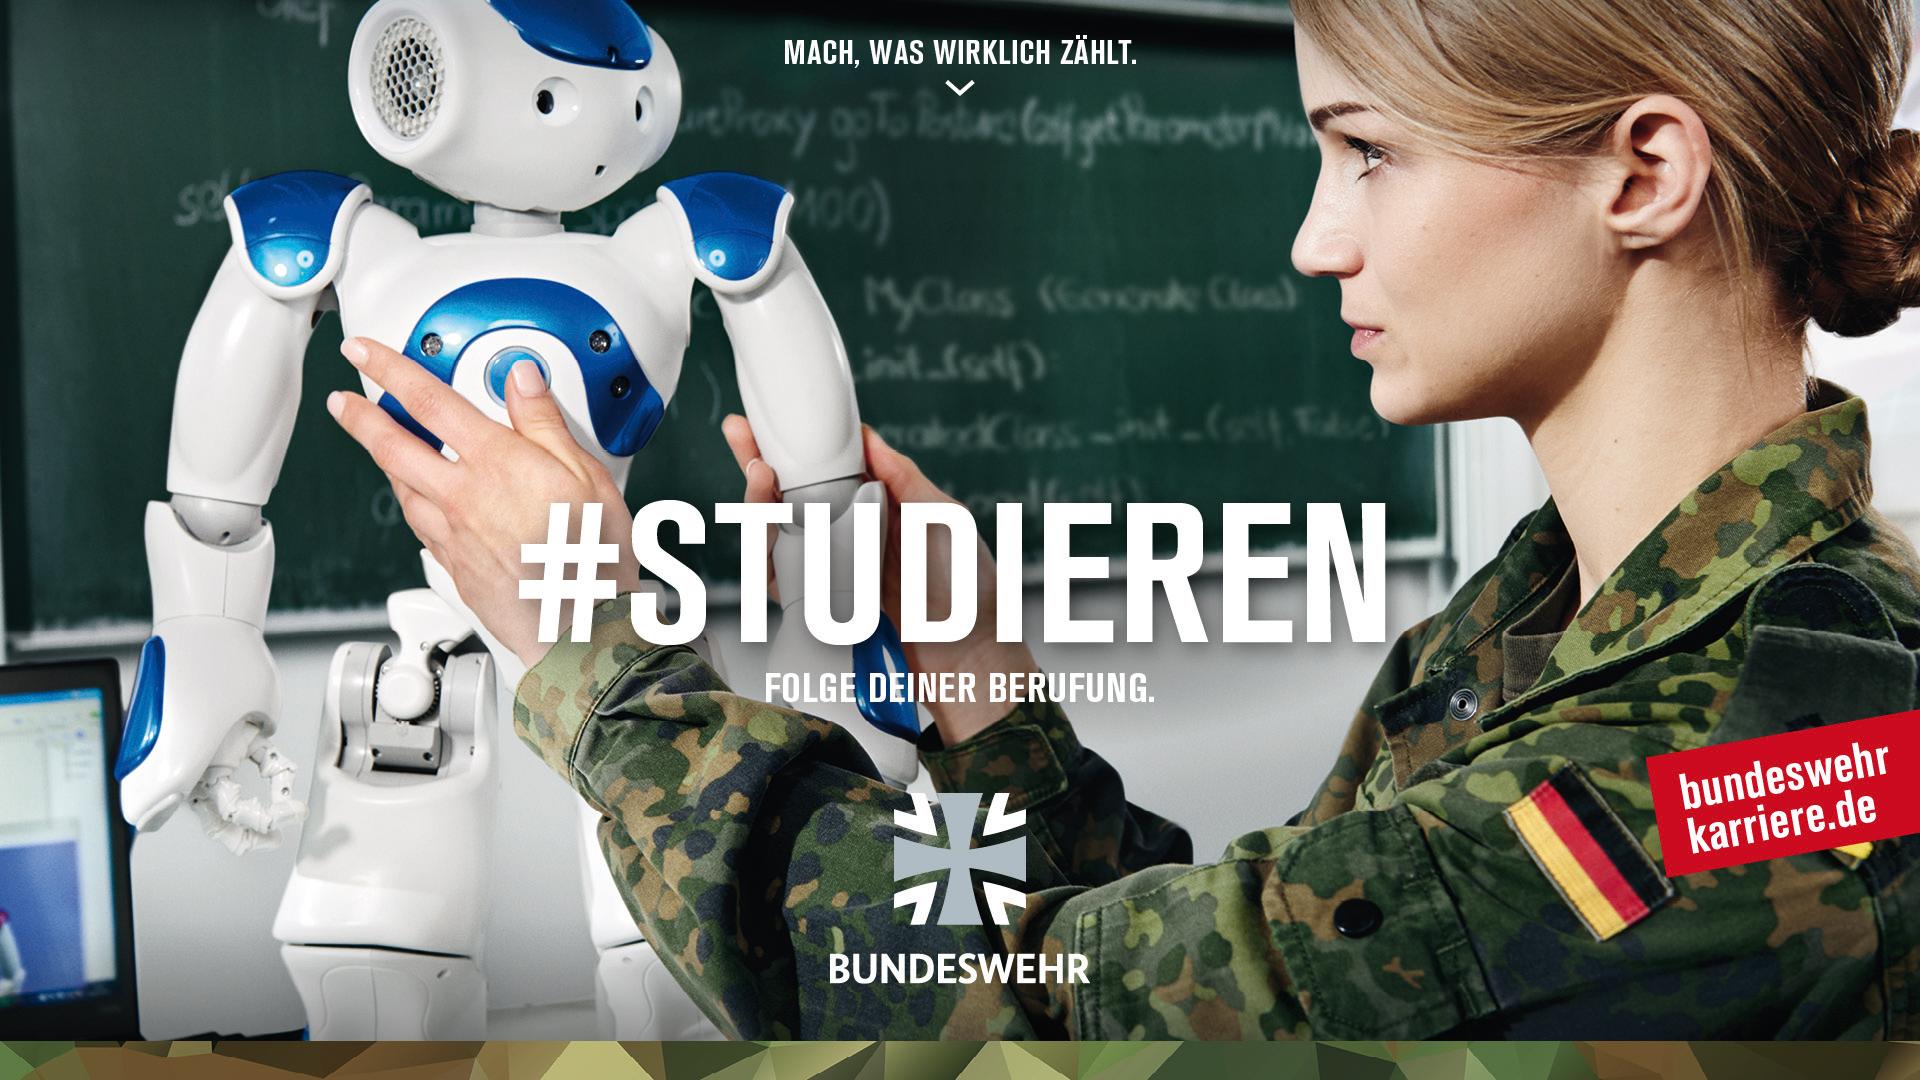 BW_Berufekampagne_16_9_20.jpg – Karriereberatungsbüro der Bundeswehr Aurich